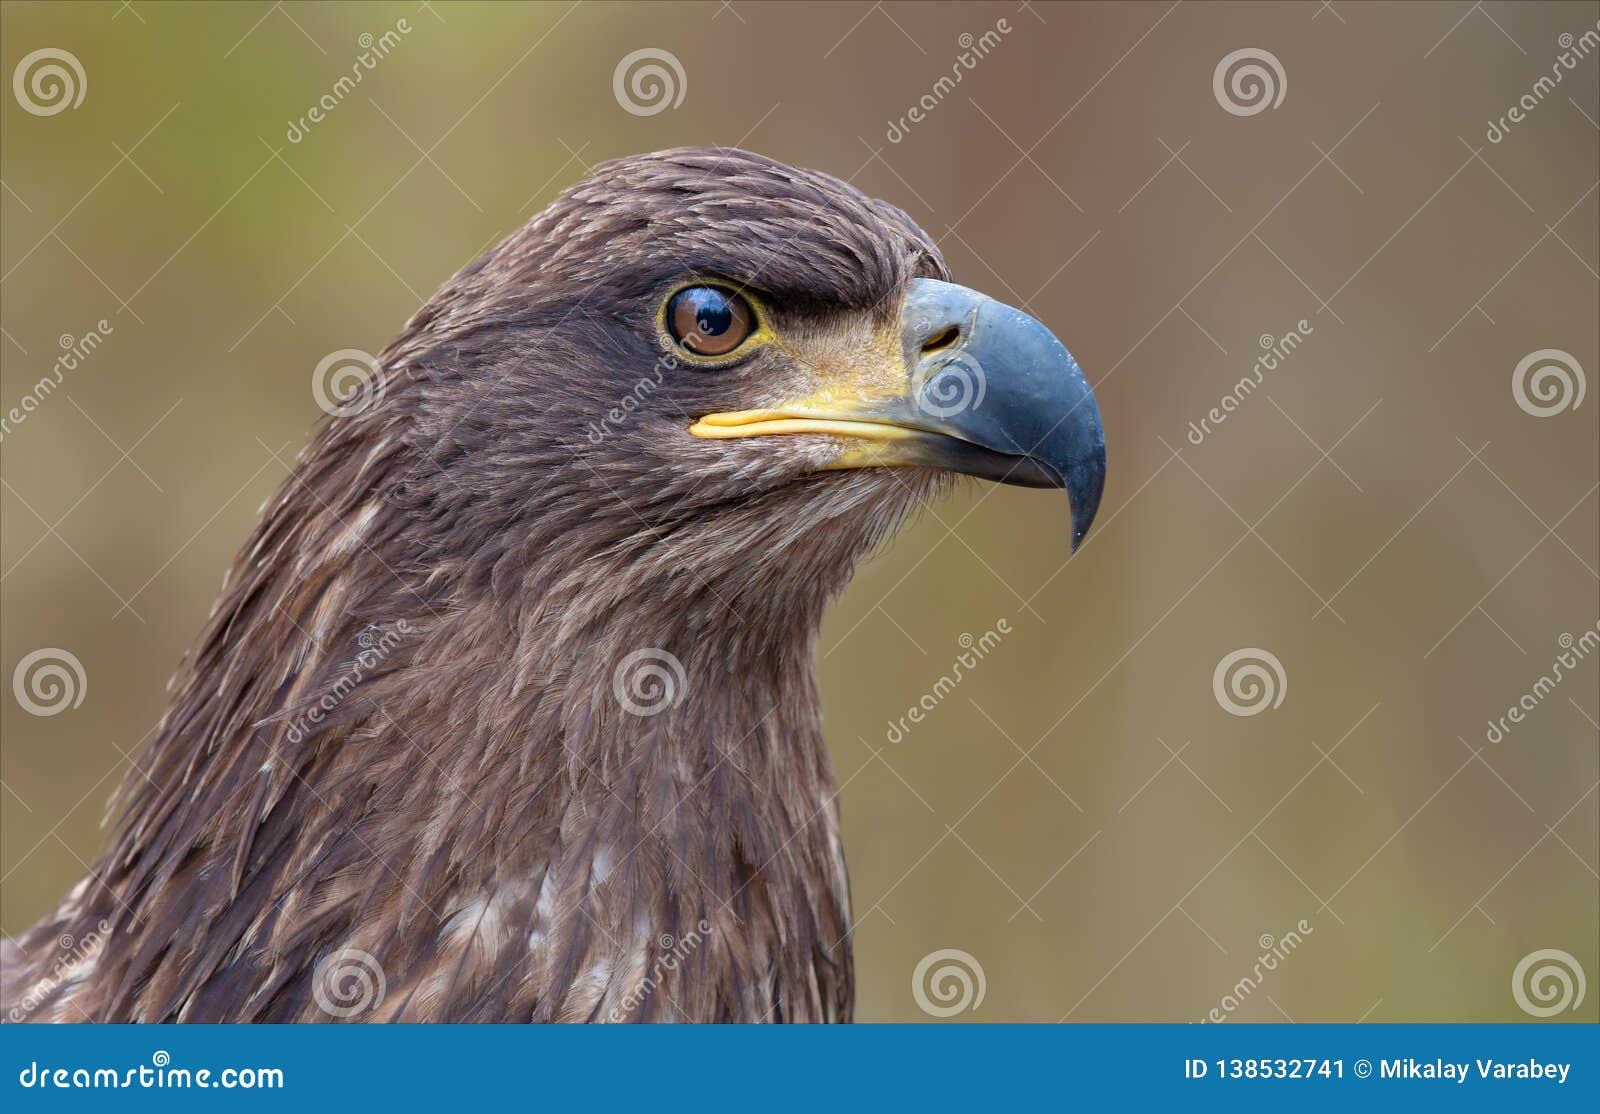 Wit-de steel verwijderd van adelaars hoofdportret van zeer shrtafstand